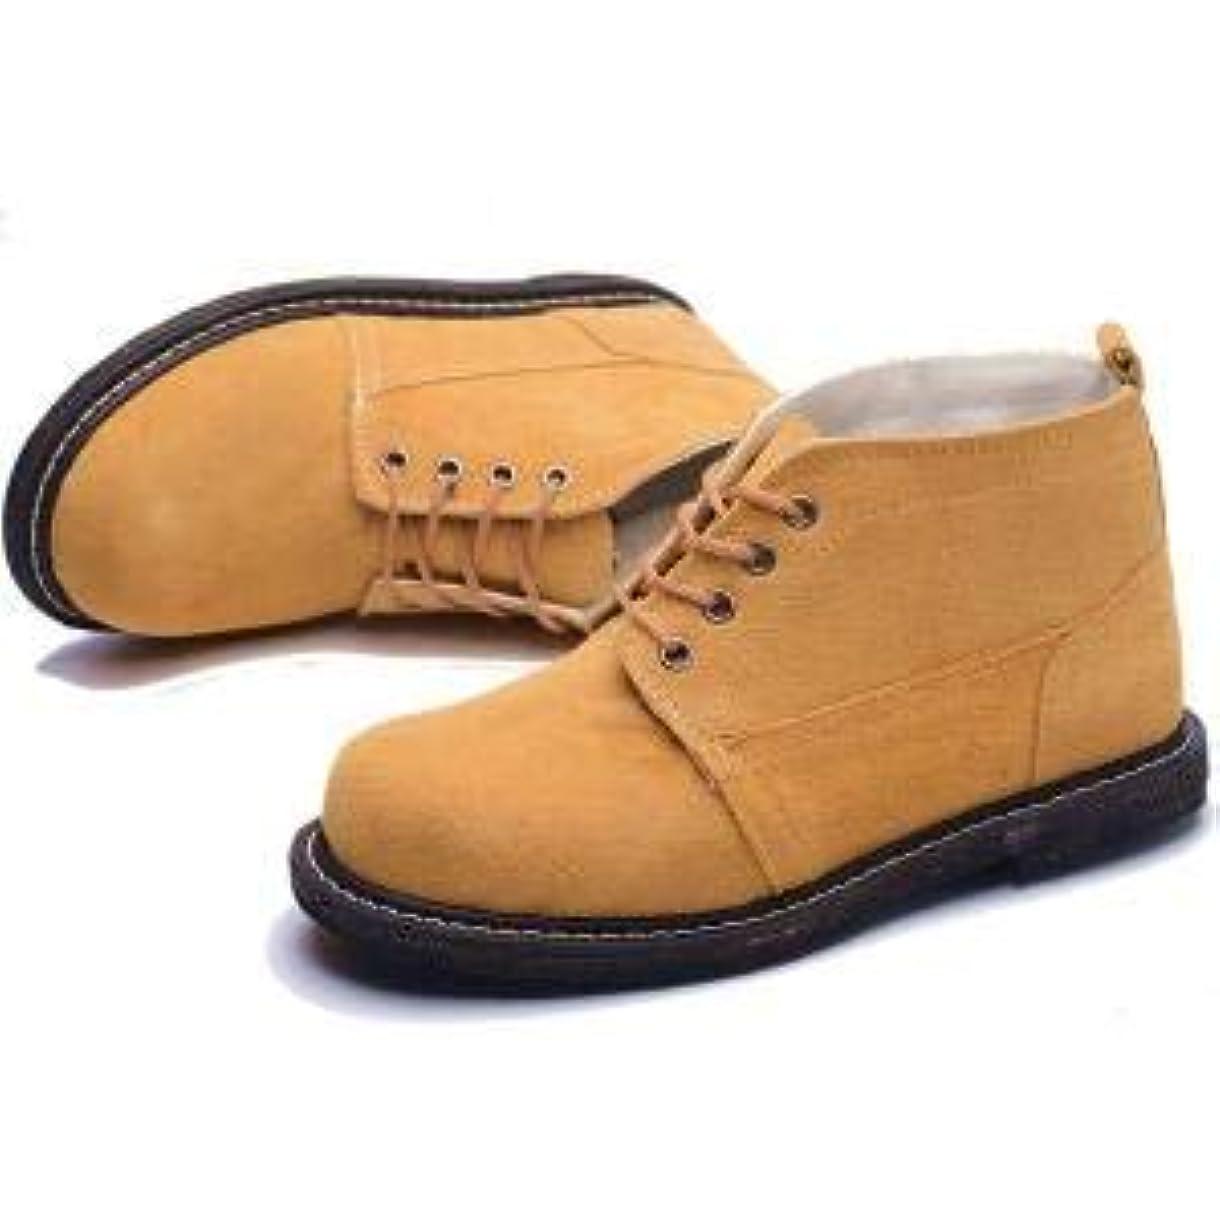 スクレーパー一氏[5W] セーフティーシューズ 安全靴 作業靴 鋼製先芯 鋼製ミッドソール 絶縁 通気性抜群 防臭 防滑 耐磨耗 耐油性 メンズ